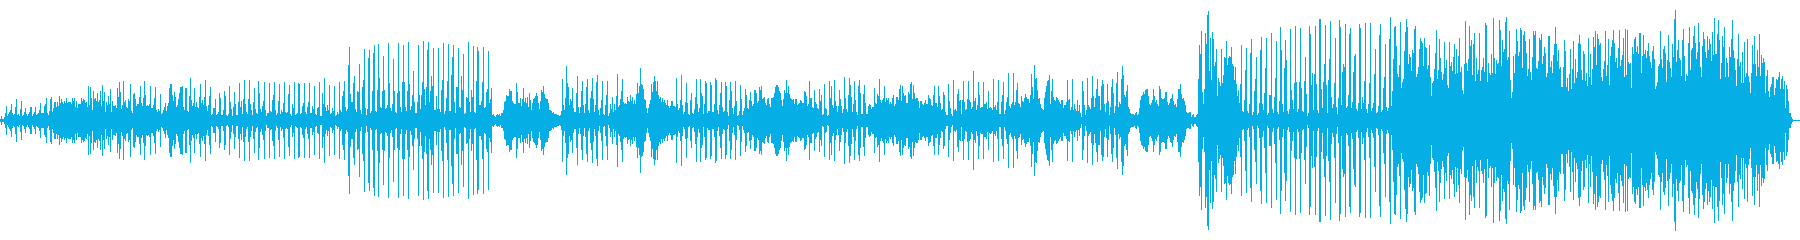 ラジオスキャン2の再生済みの波形